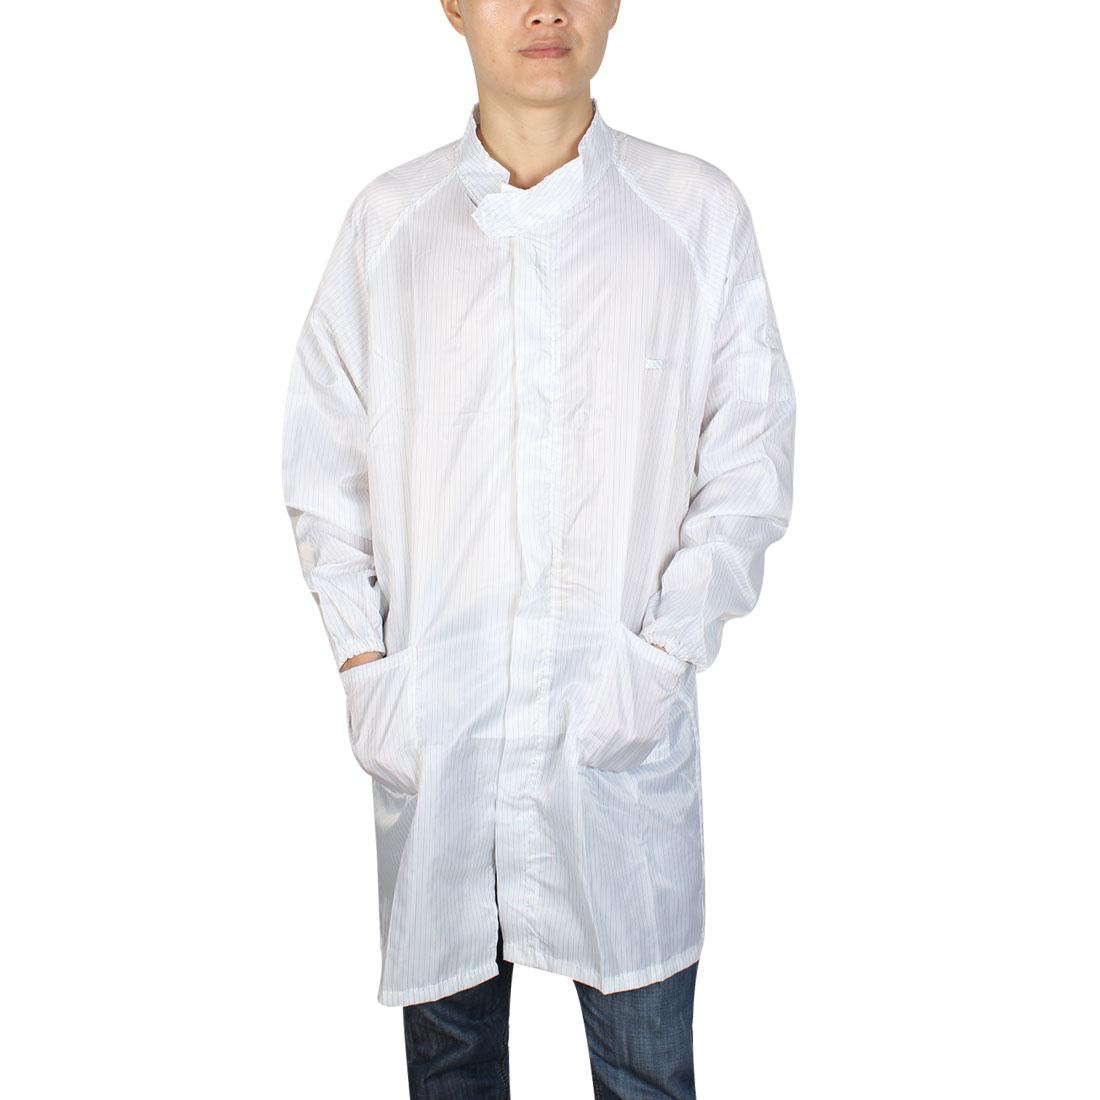 L White ESD Lab Zip Up Elastic Cuff Anti Static Coat Overalls Uniform for Women Men